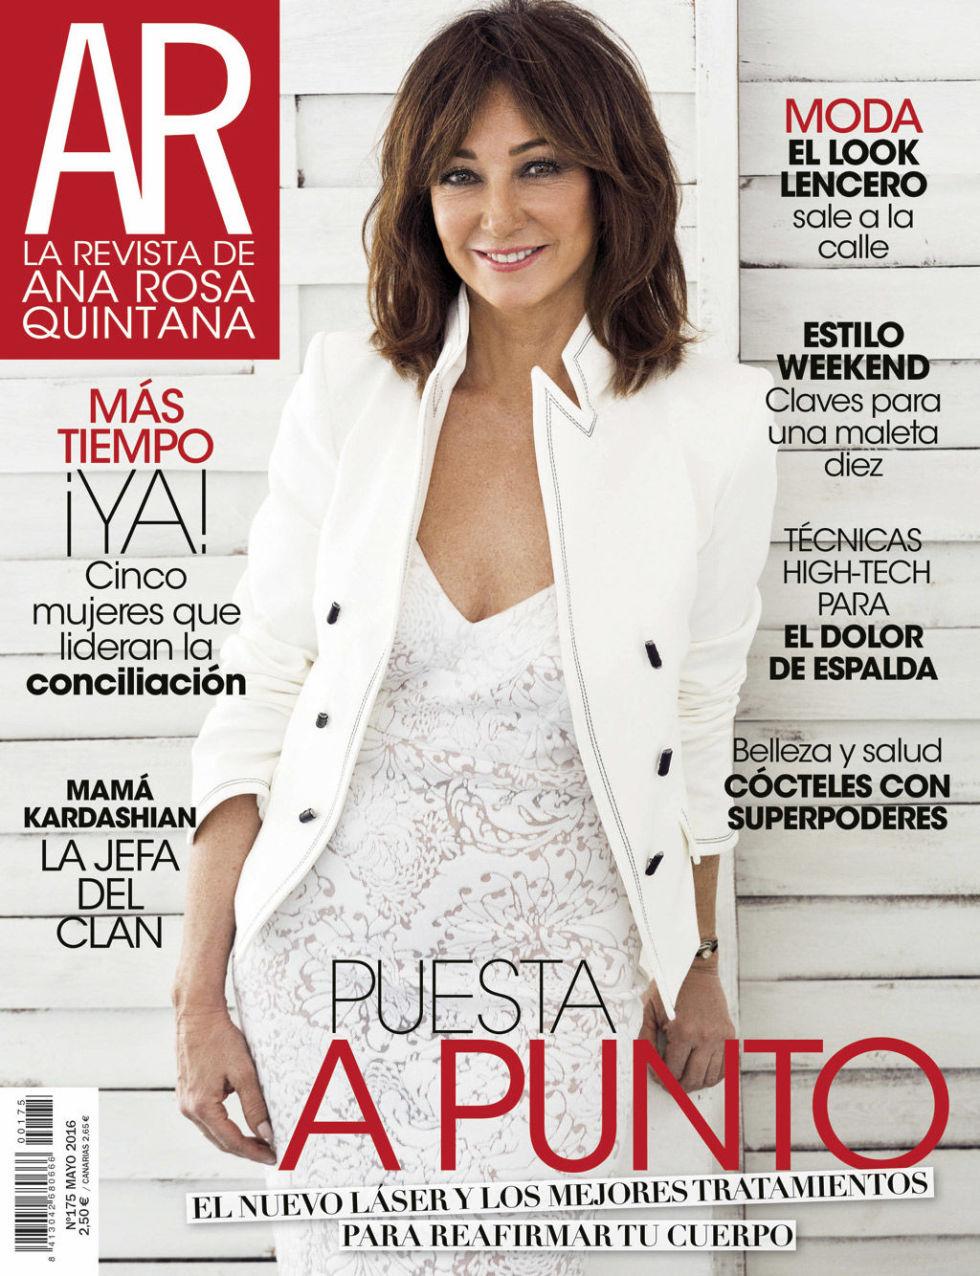 revista ar mayo 2016